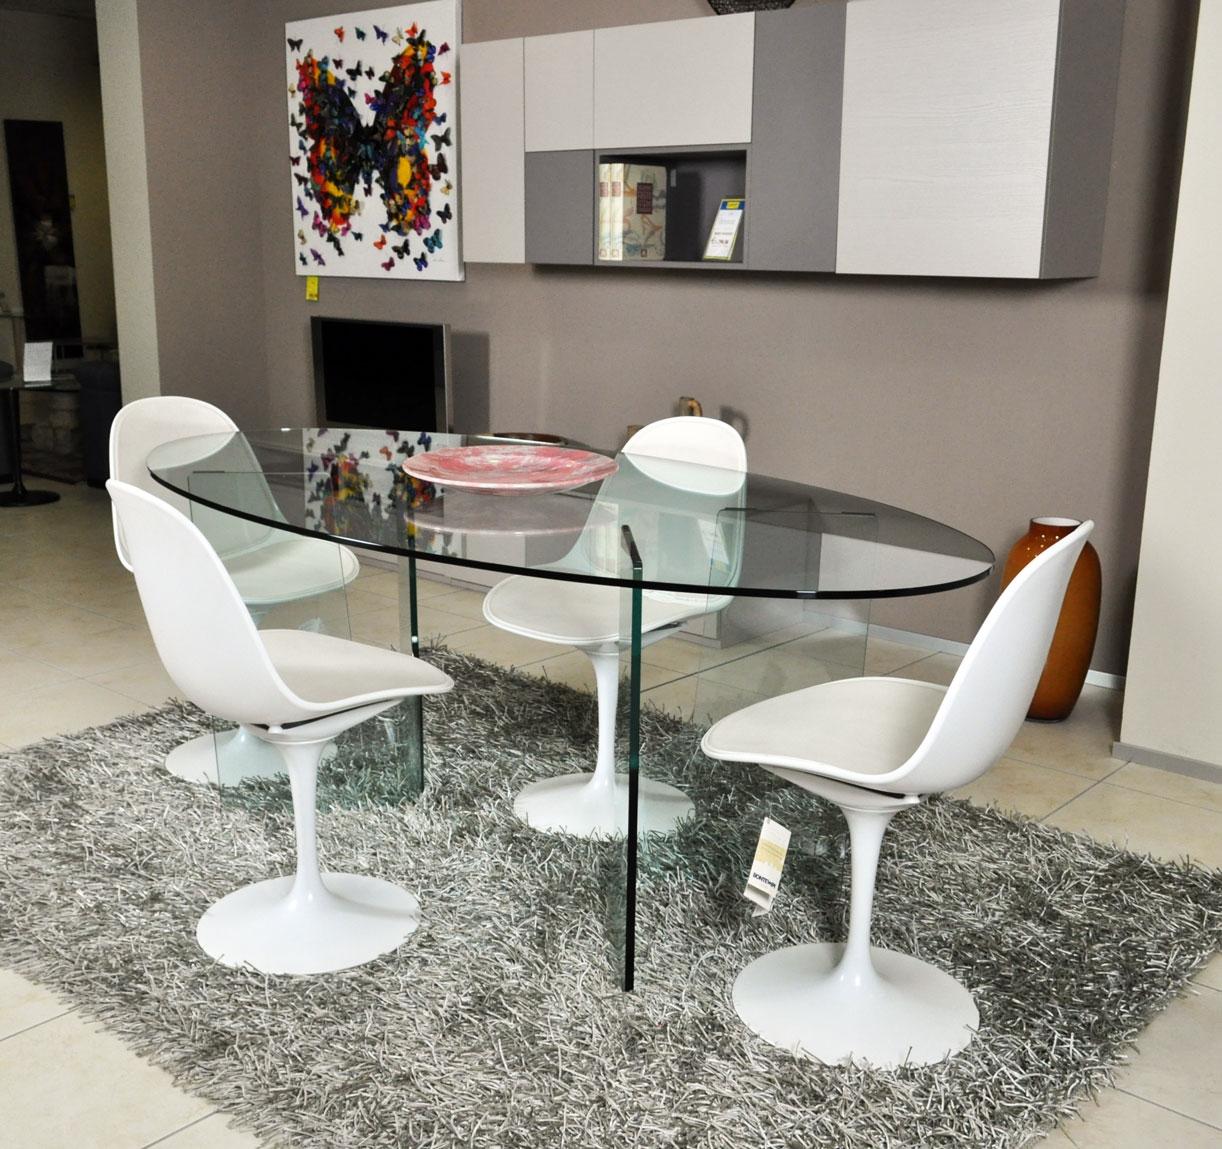 Bontempi sedie design nicla offerta a prezzo scontato for Design sedie